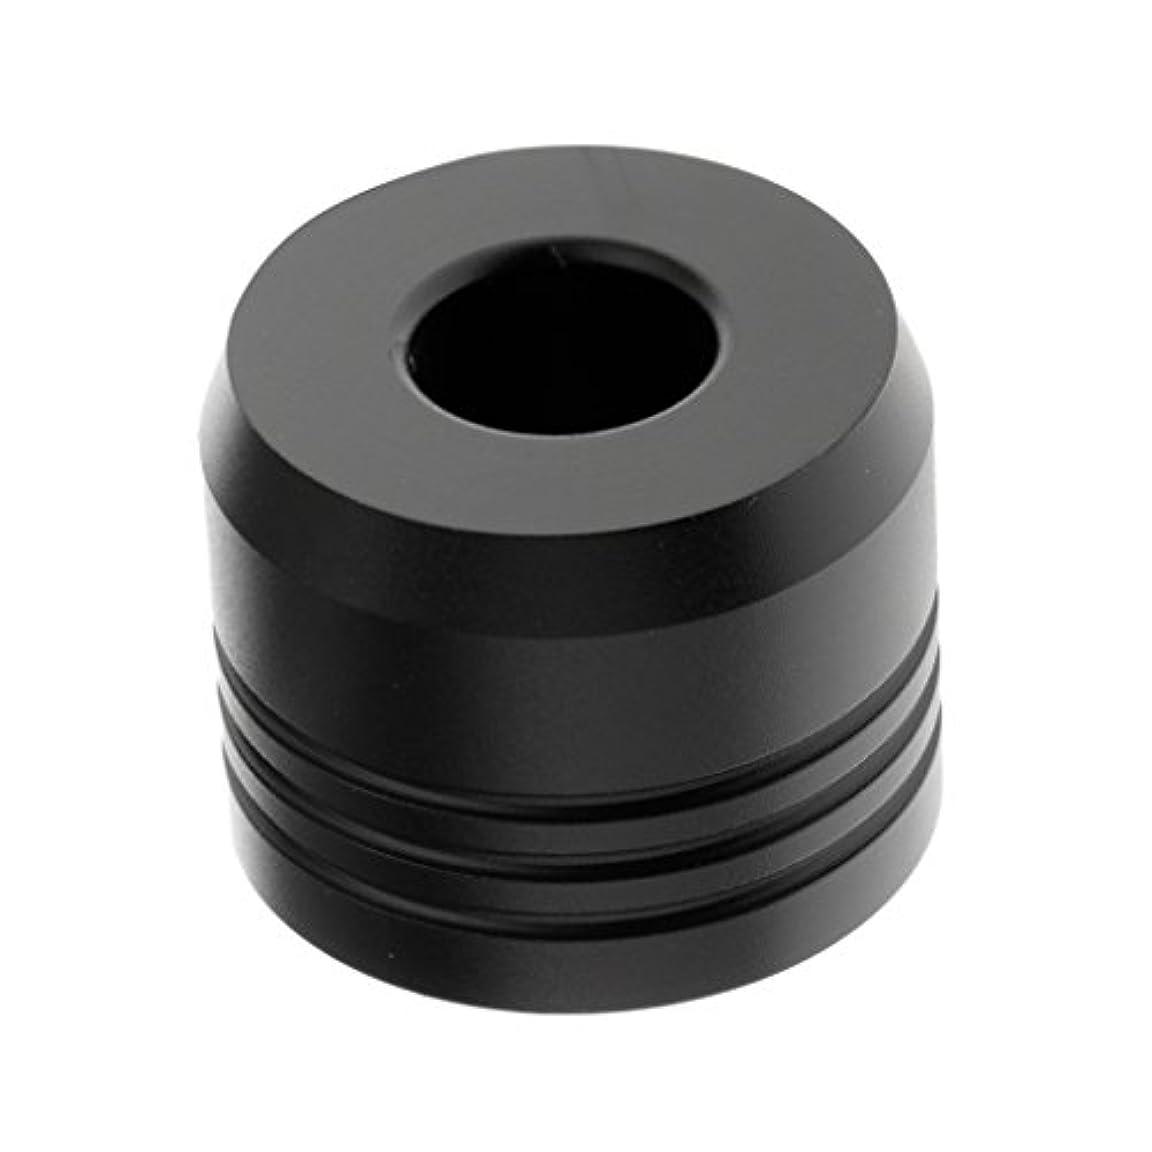 吸収剤買い物に行く誠実カミソリスタンド スタンド シェービング カミソリホルダー ベース サポート 調節可 乾燥 2色選べ - ブラック